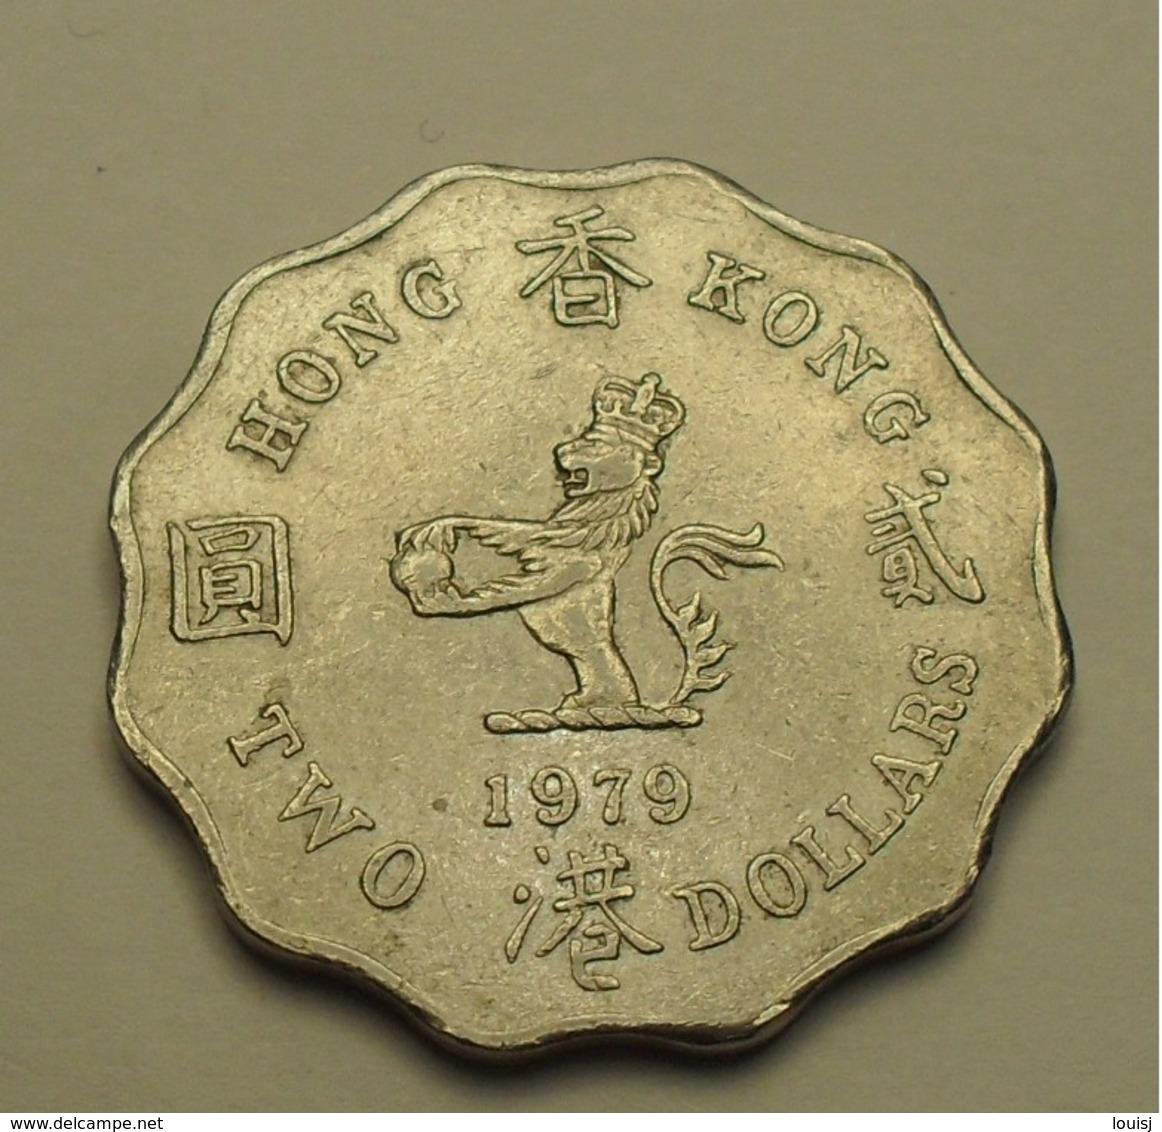 1979 - Hong Kong - TWO DOLLARS, Elizabeth II, KM 37 - Hong Kong